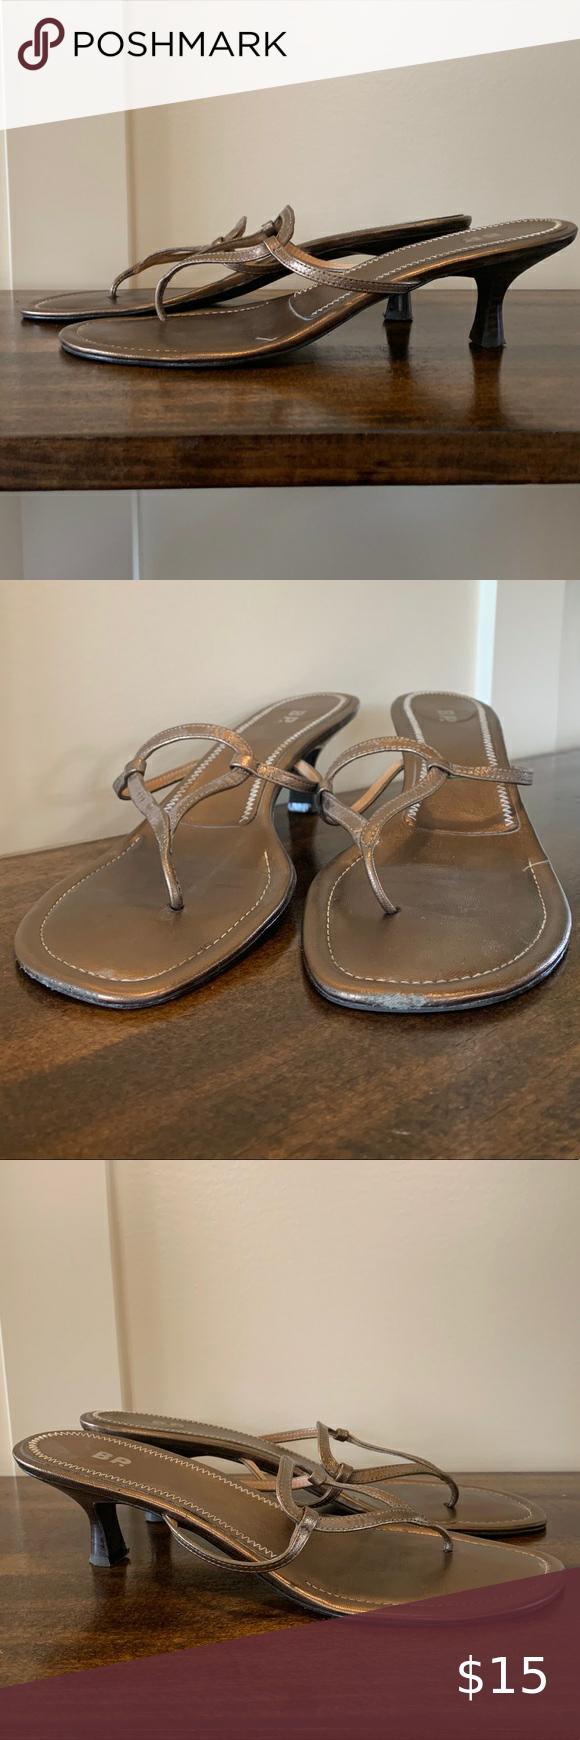 Bp Kitten Heel Sandals In 2020 Kitten Heel Sandals Sandals Heels Shoes Women Heels